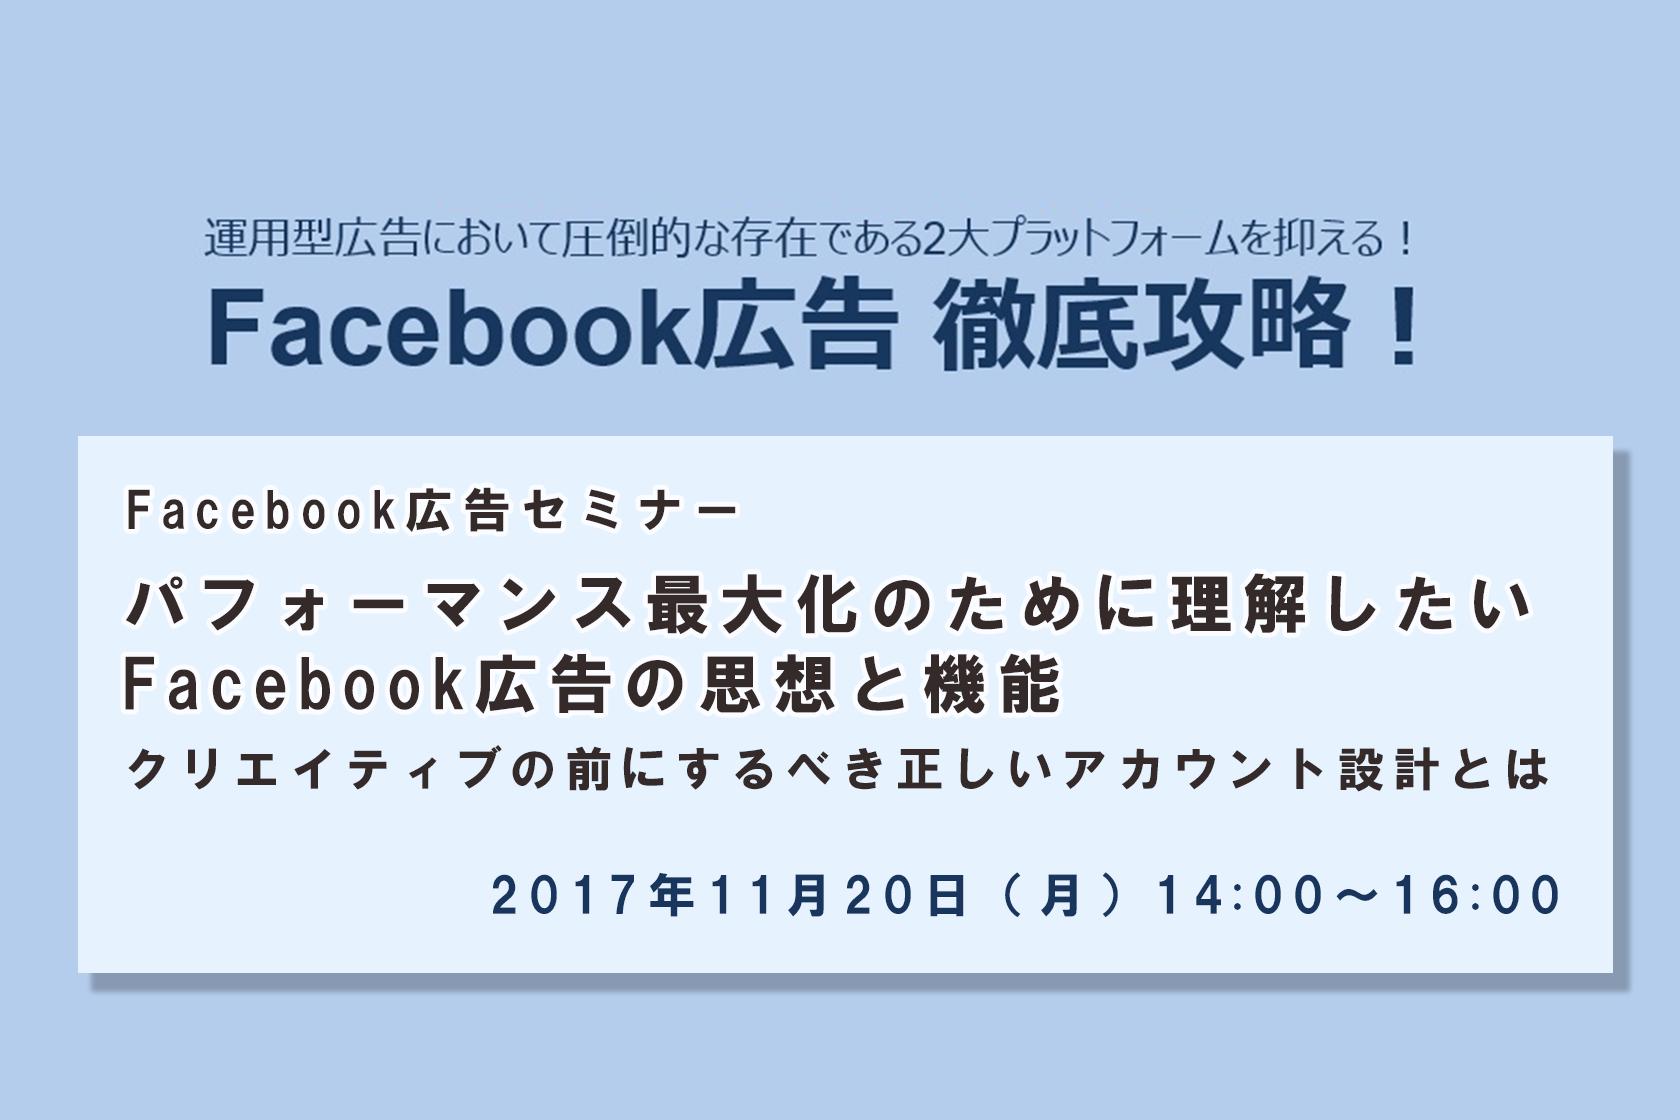 2017年11月20日開催決定!『Facebook広告セミナー パフォーマンス最大化のために理解したいFacebook広告の思想と機能 クリエイティブの前にするべき正しいアカウント設計とは』